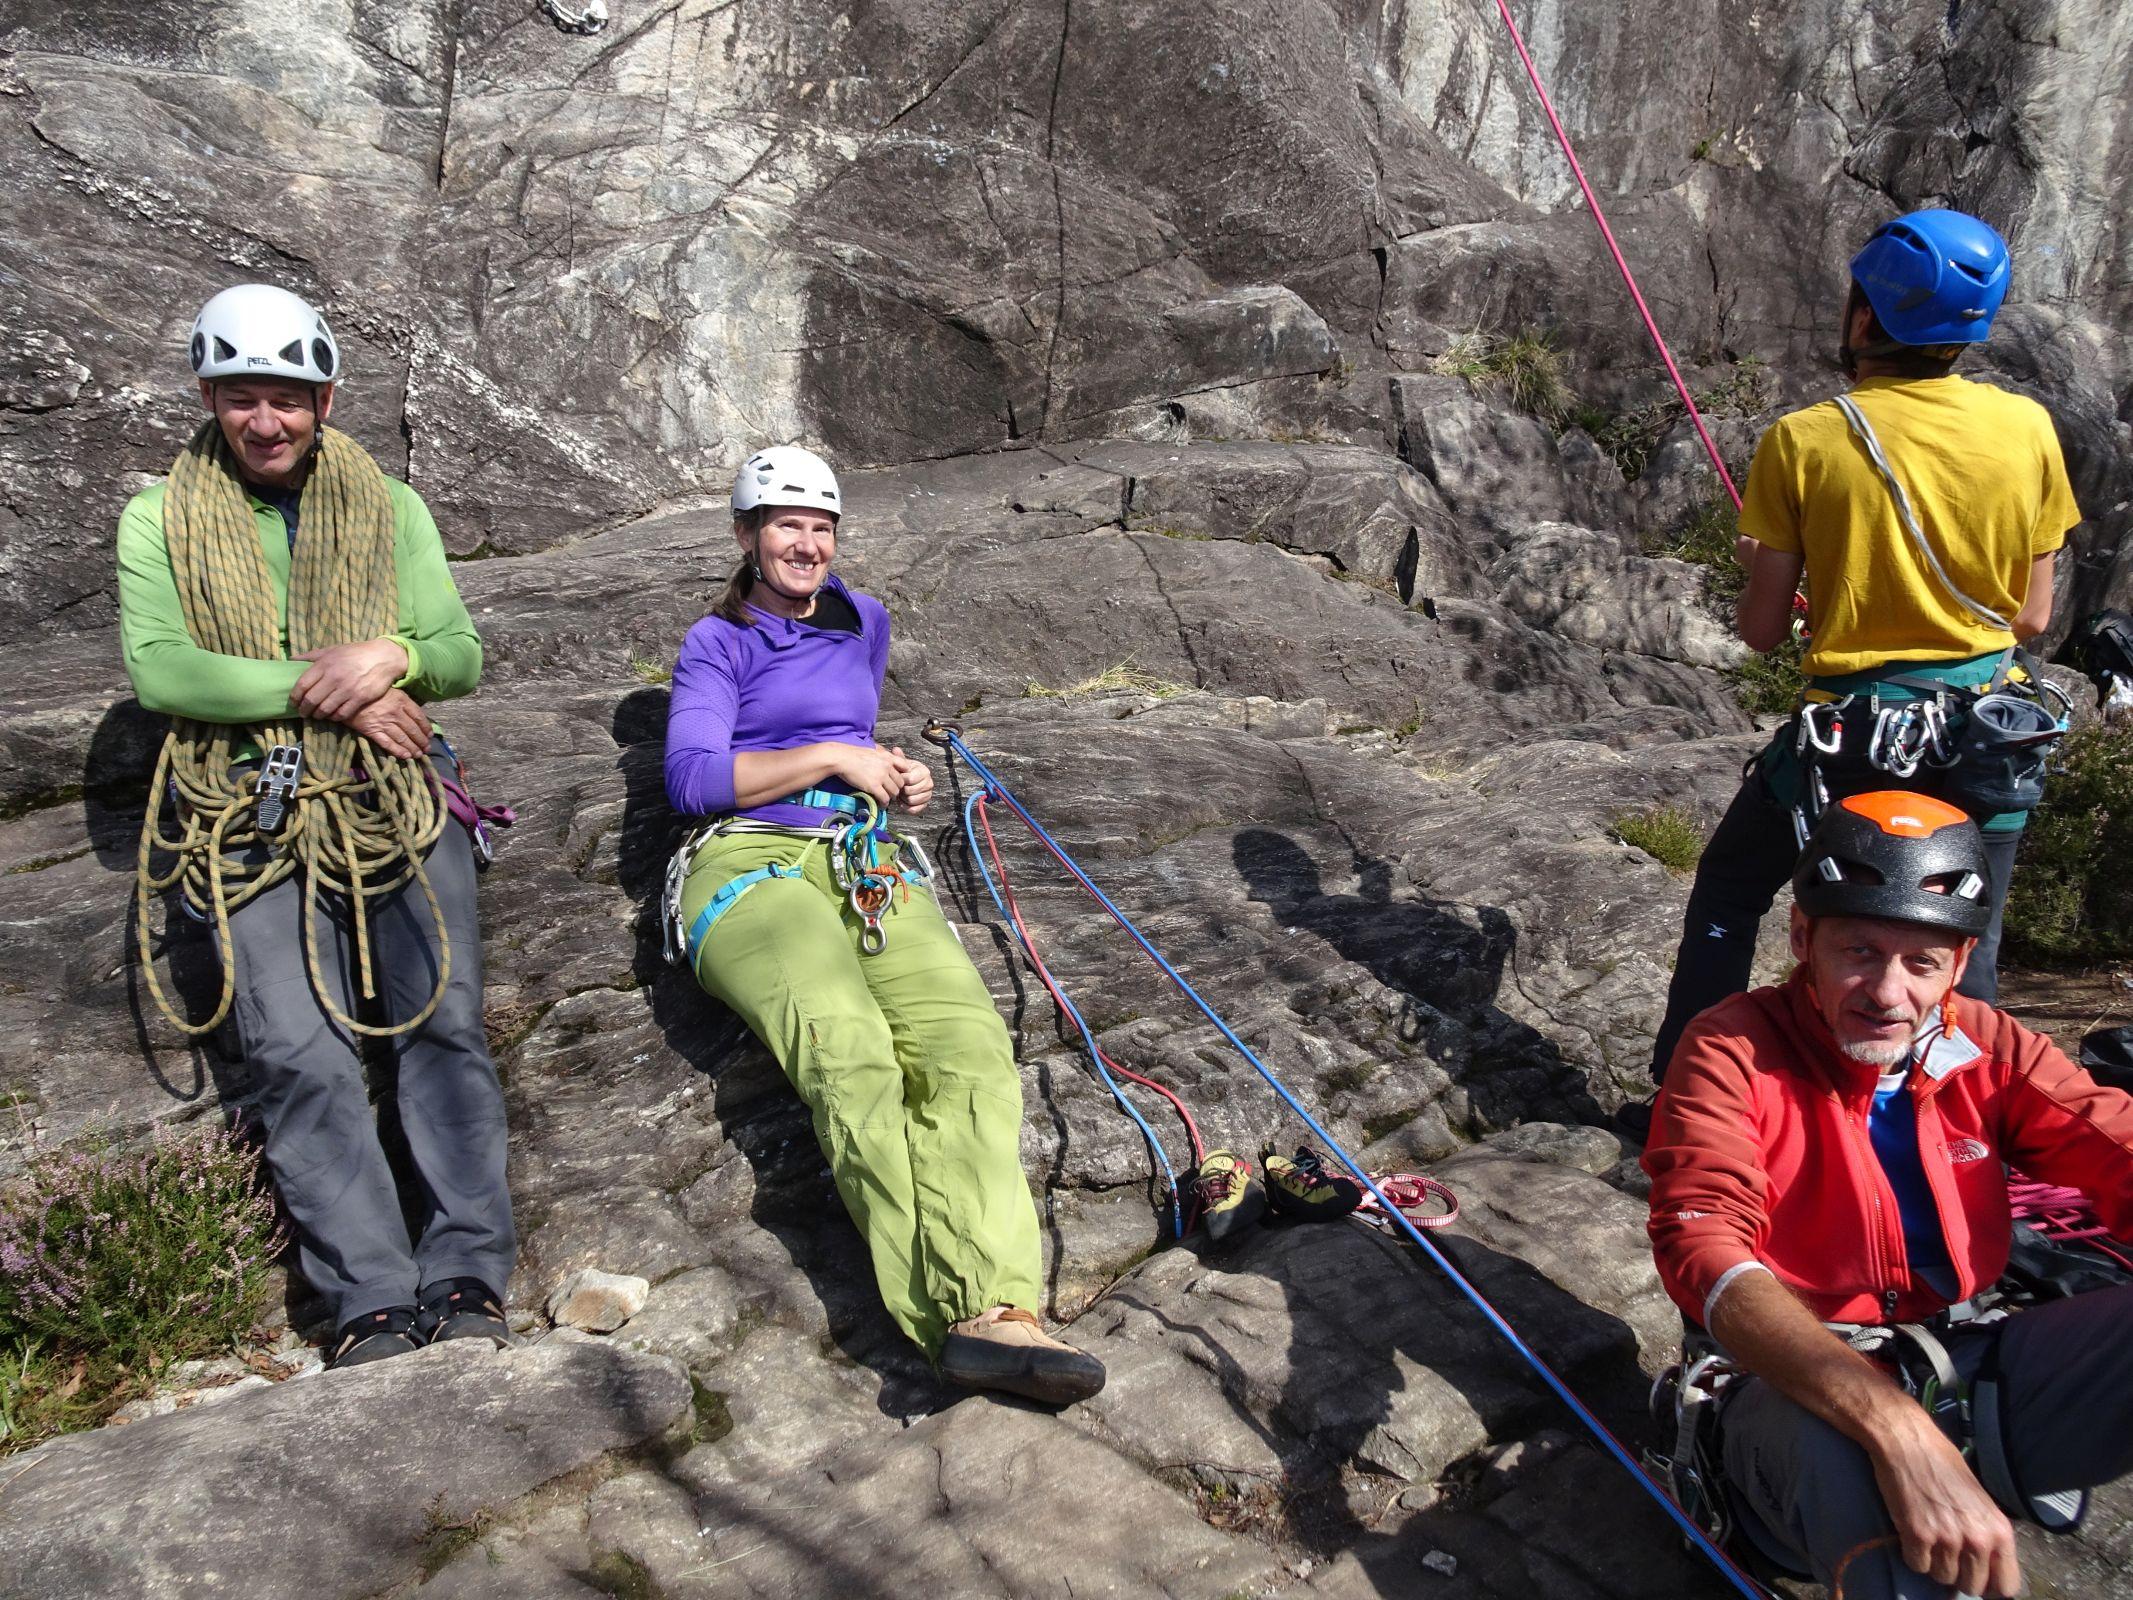 Kletterwoche Tessin 11. - 16.10.2020